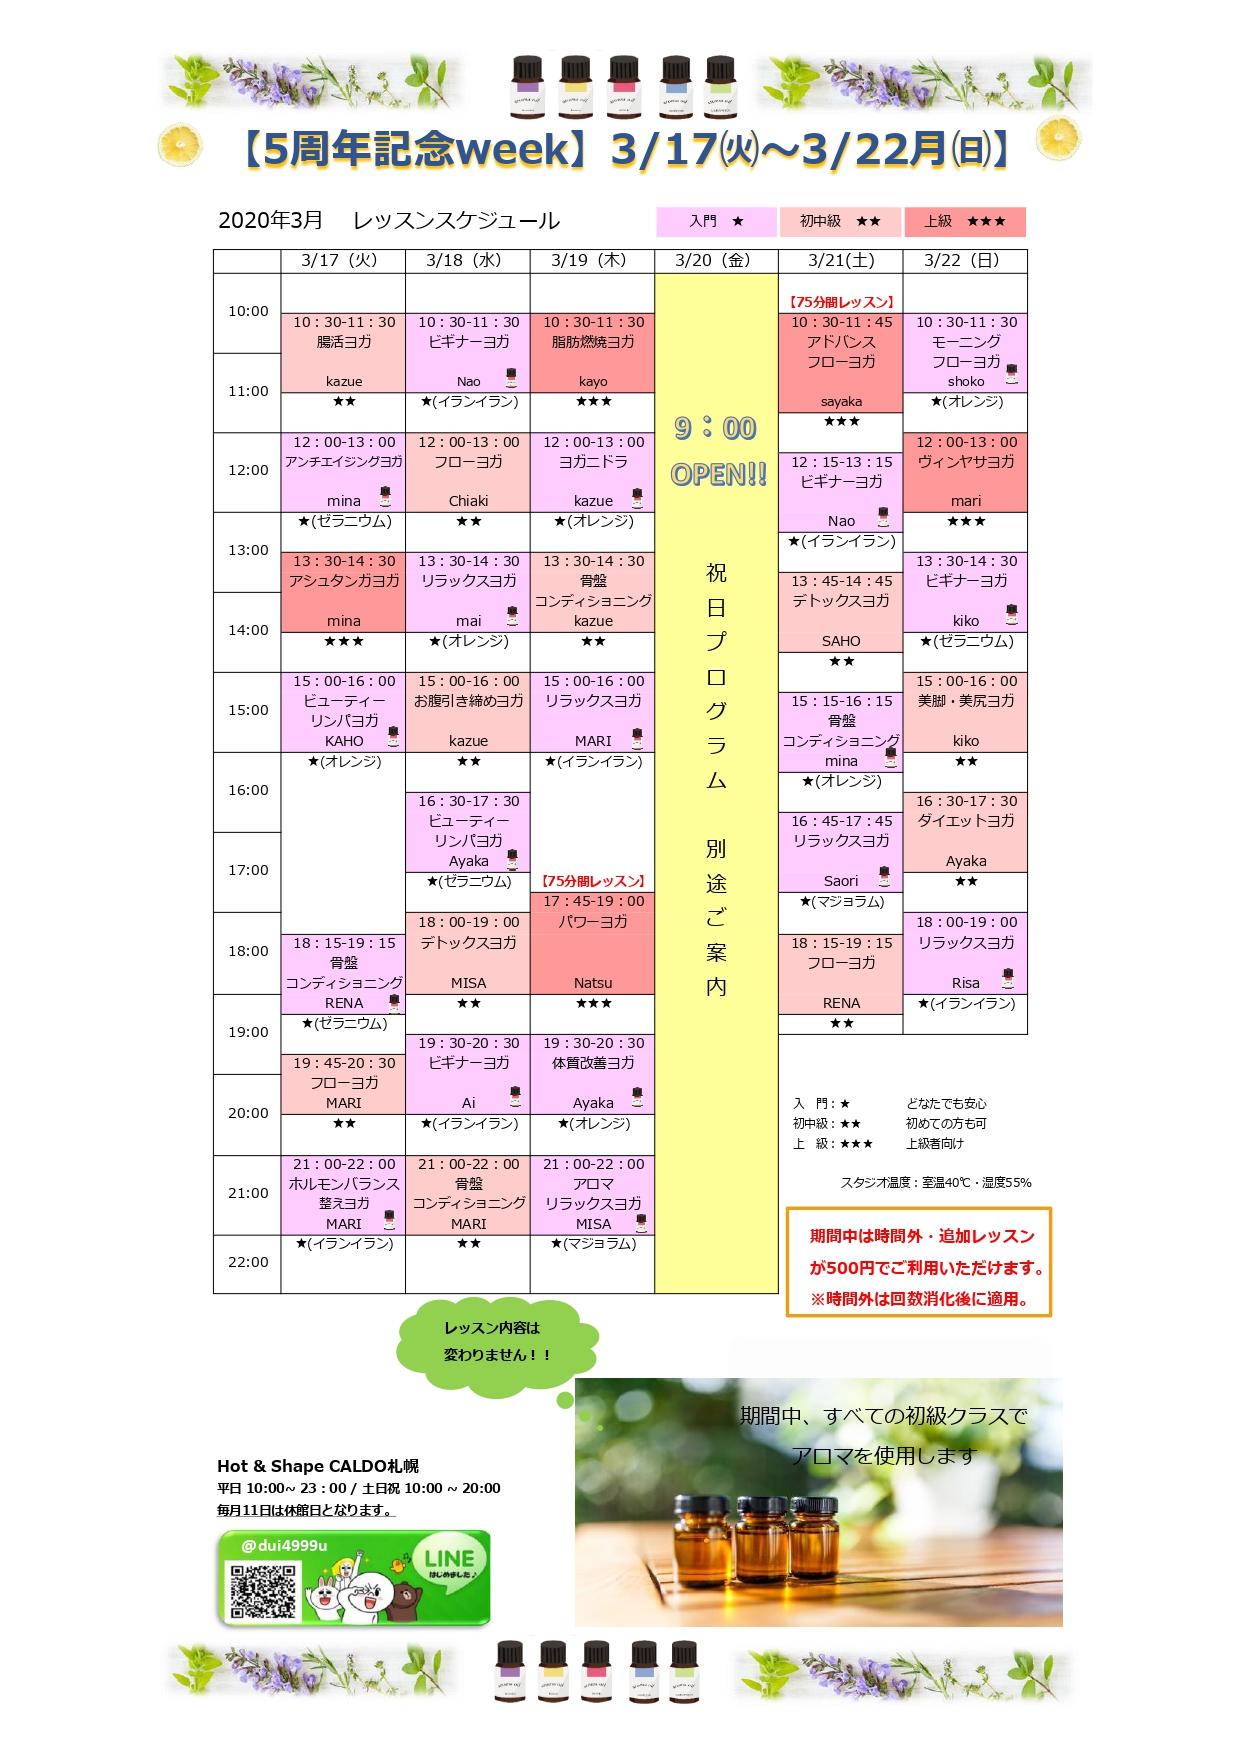 5周年記念スケジュール(オーシャンヨガ・アロマヨガ)_page-0002